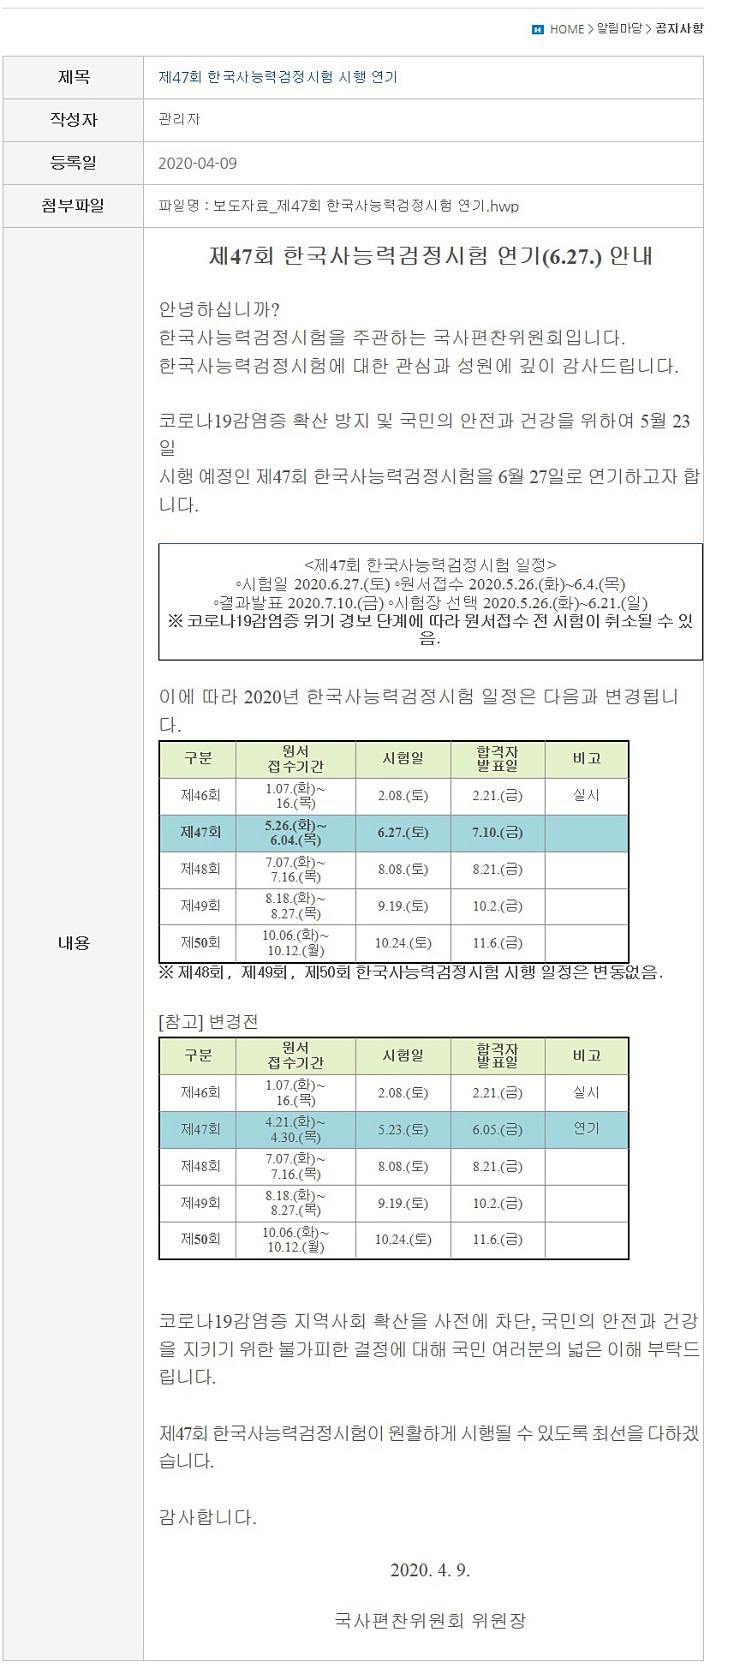 제_47회_한국사_시험연기.jpg